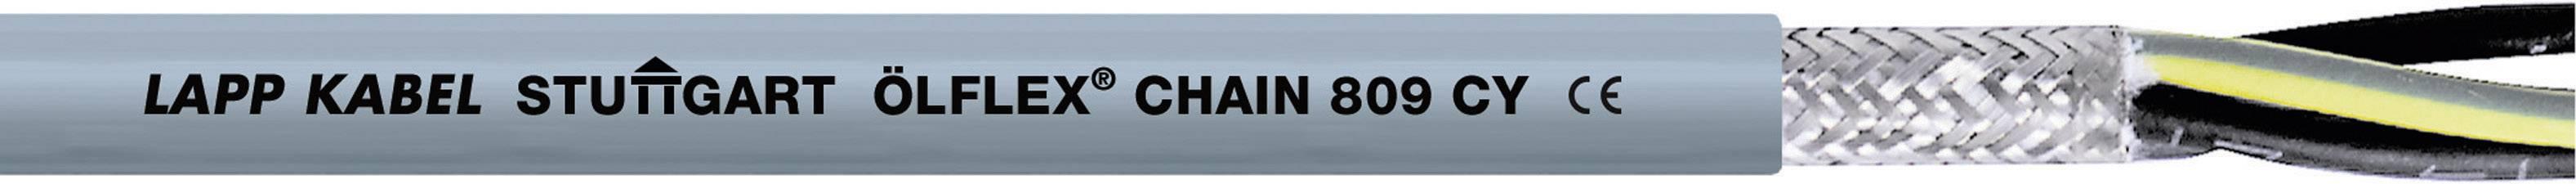 Žíla kabelu LappKabel ÖLFLEX CHAIN 809 CY 3G0,75 (1026760), 3x 0,75 mm², PVC, Ø 6,6 mm, stíněný, 50 m, šedá